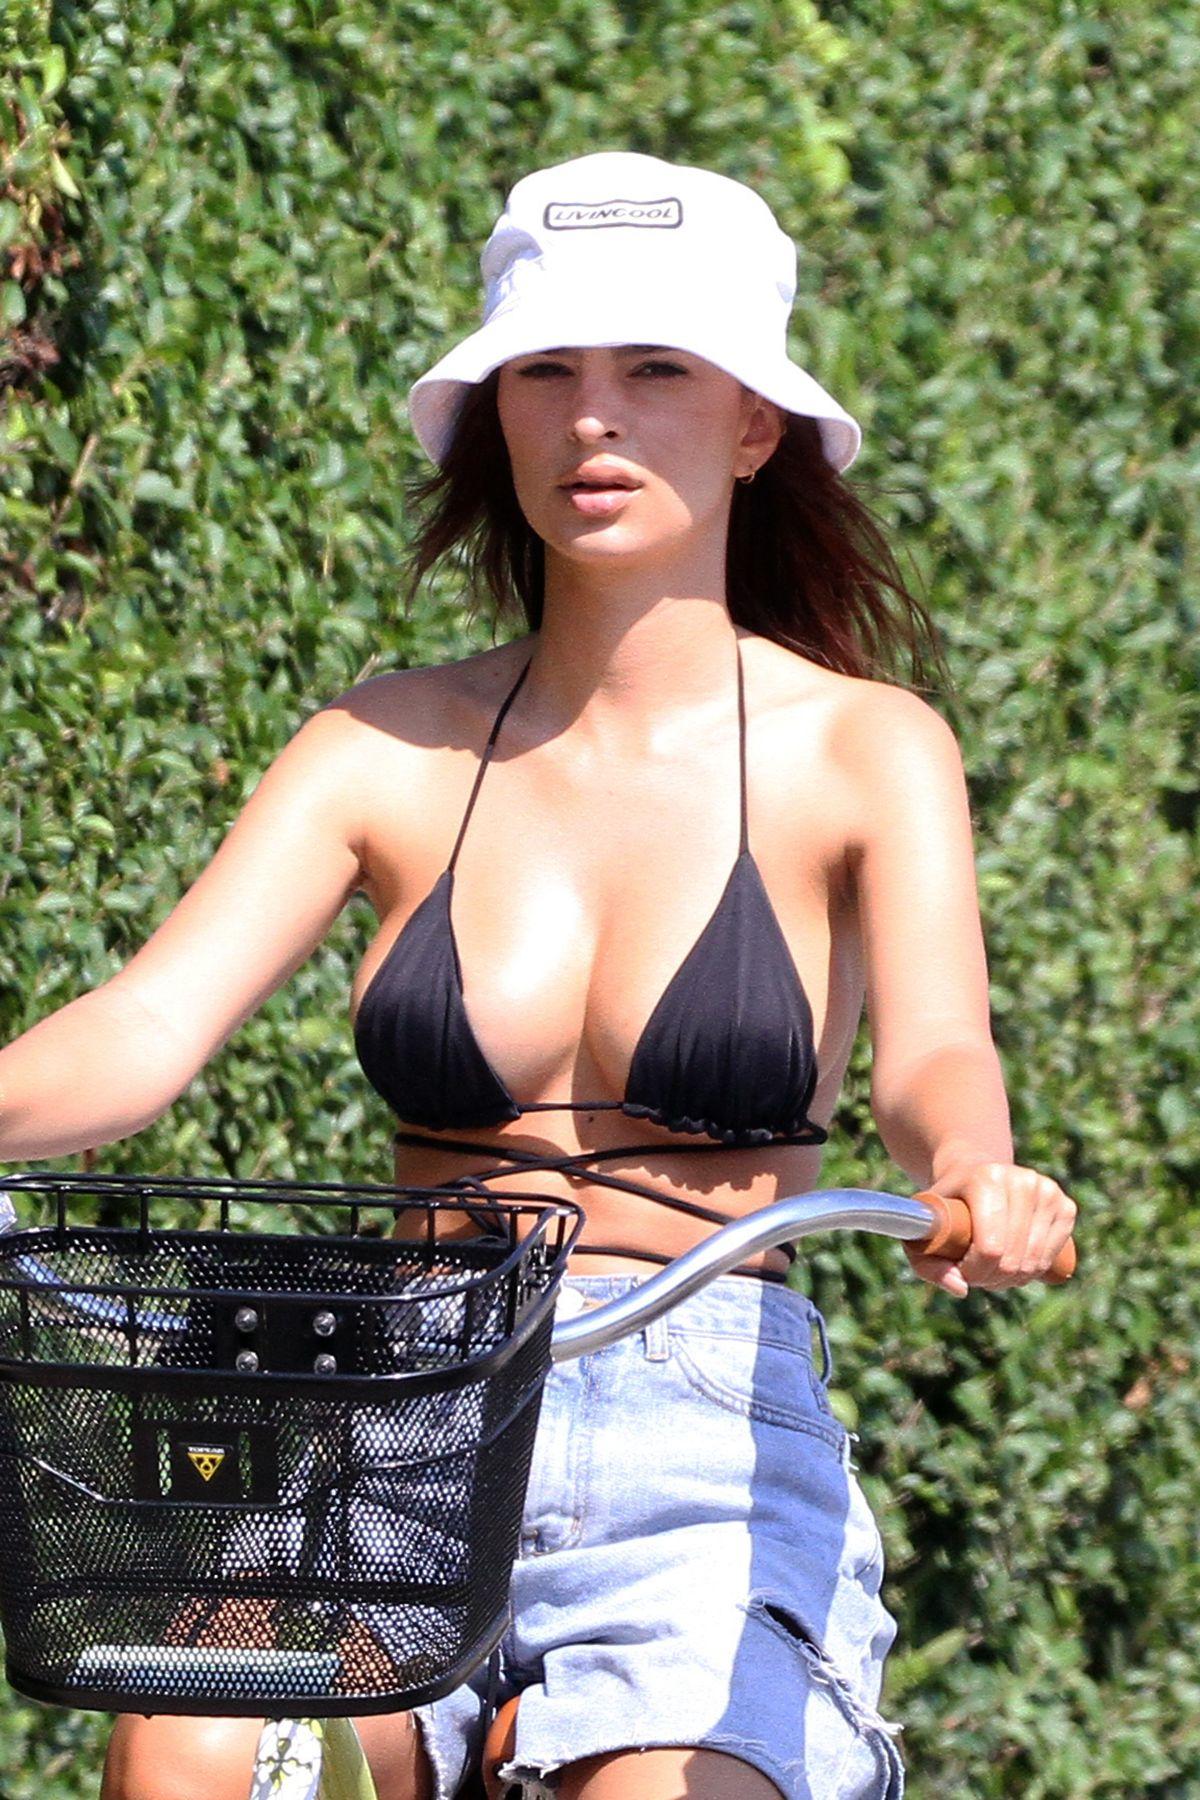 Emily Ratajkowski Bikini Top Denim Shorts Riding Bike Hamptons